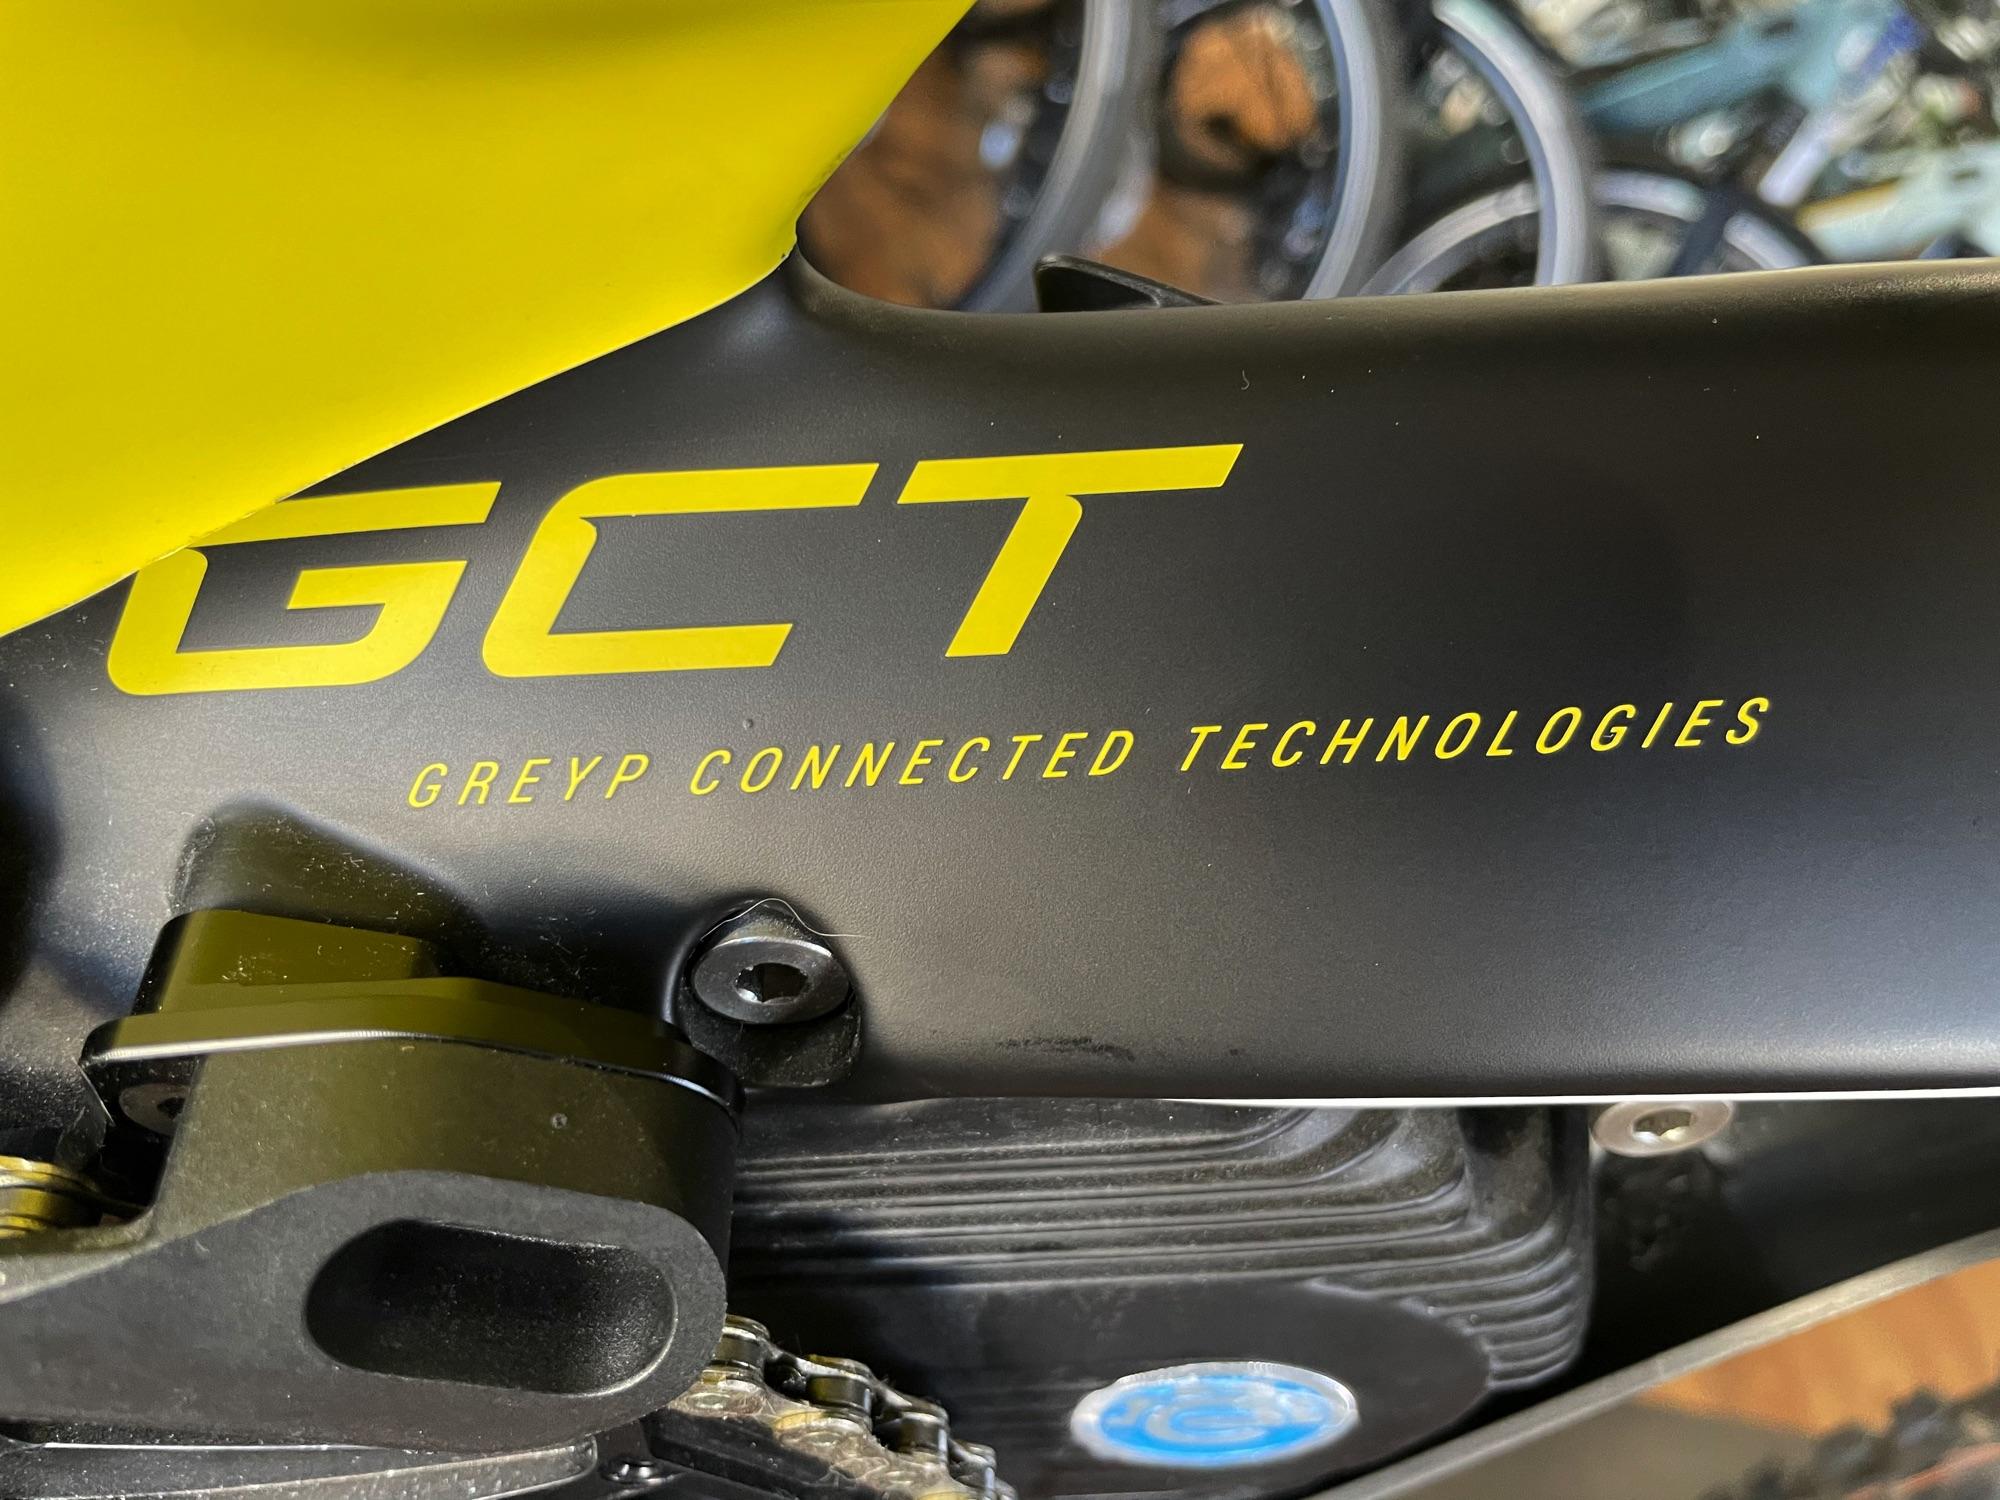 Greyp 6.2 eMTB, Greensboro NC, Charlotte NC